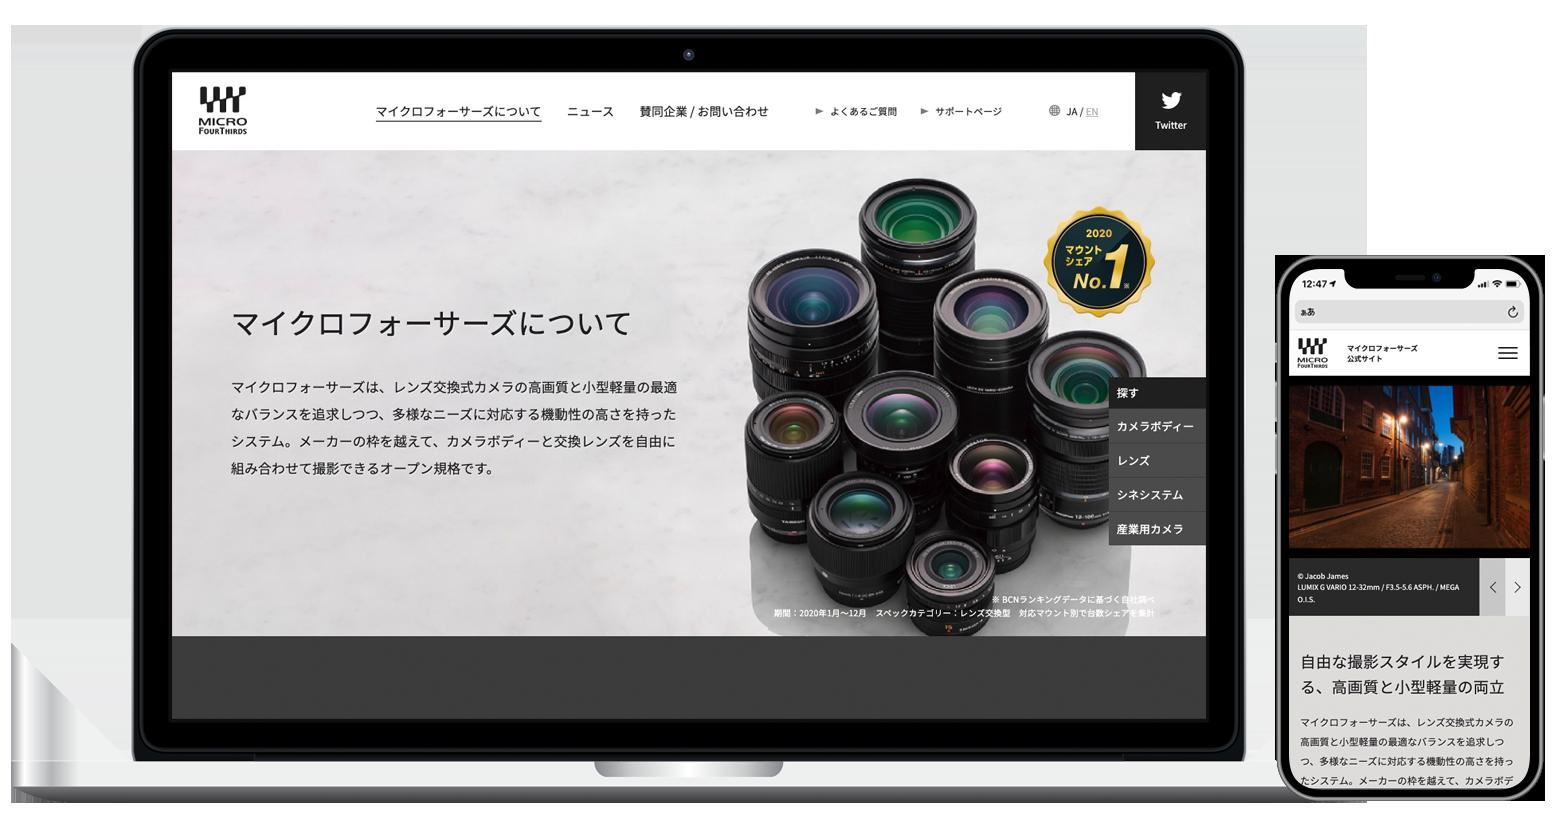 フォーサーズ公式サイト